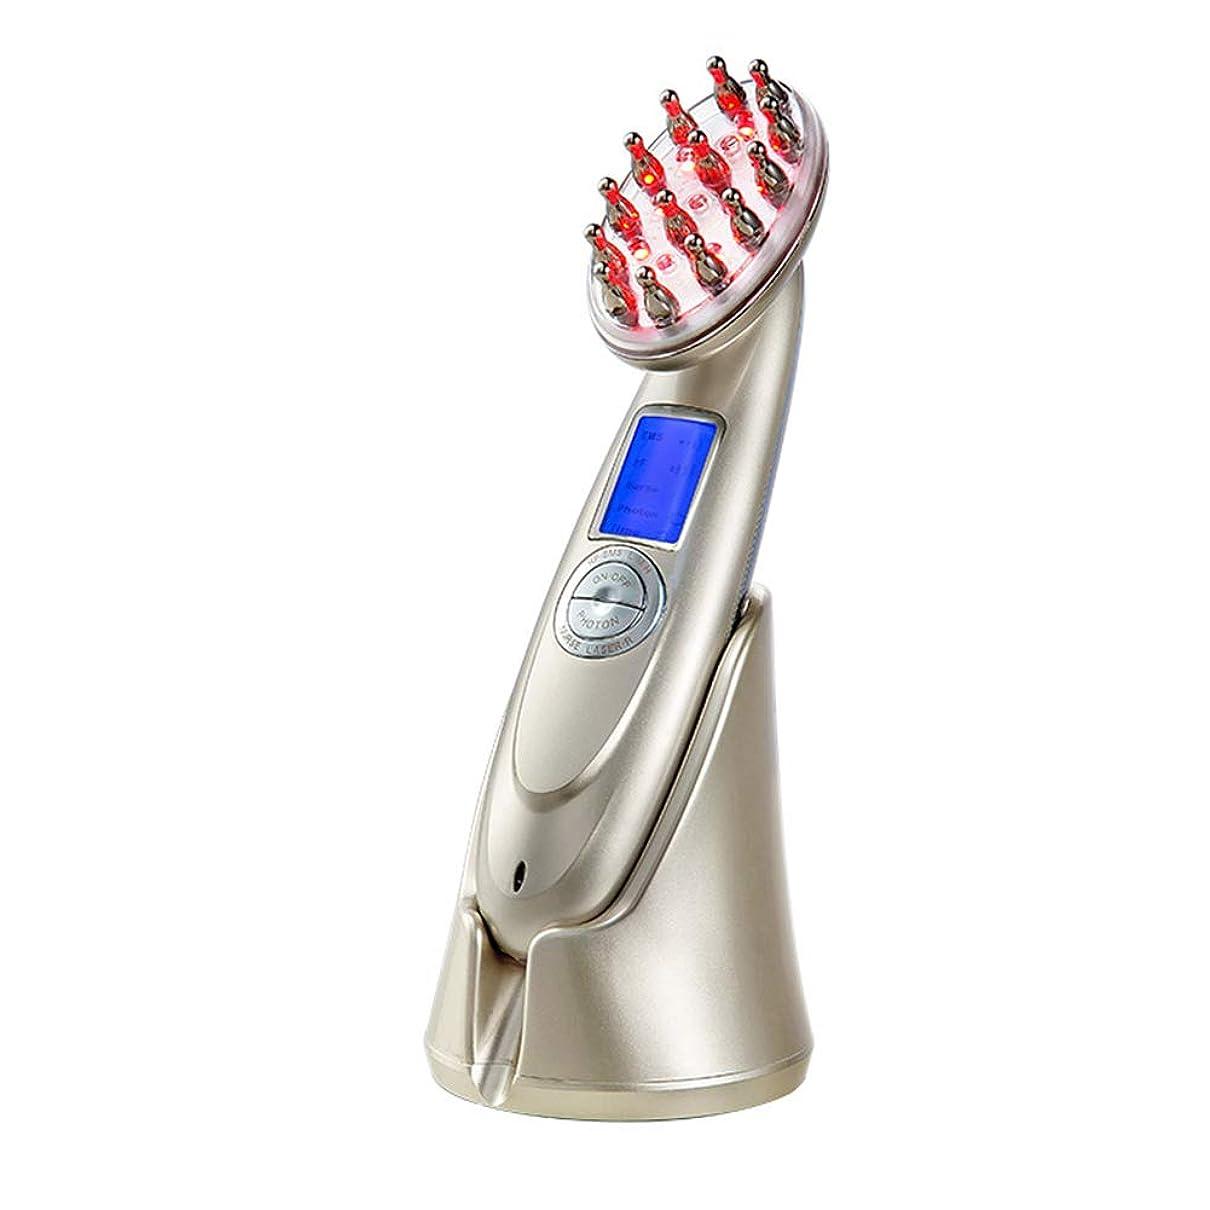 可能にする評価可能気分高出力レーザーマッサージ櫛ソフトレーザーRF RF EMS電気楽器マッサージヘッド抗抜け毛防止器具